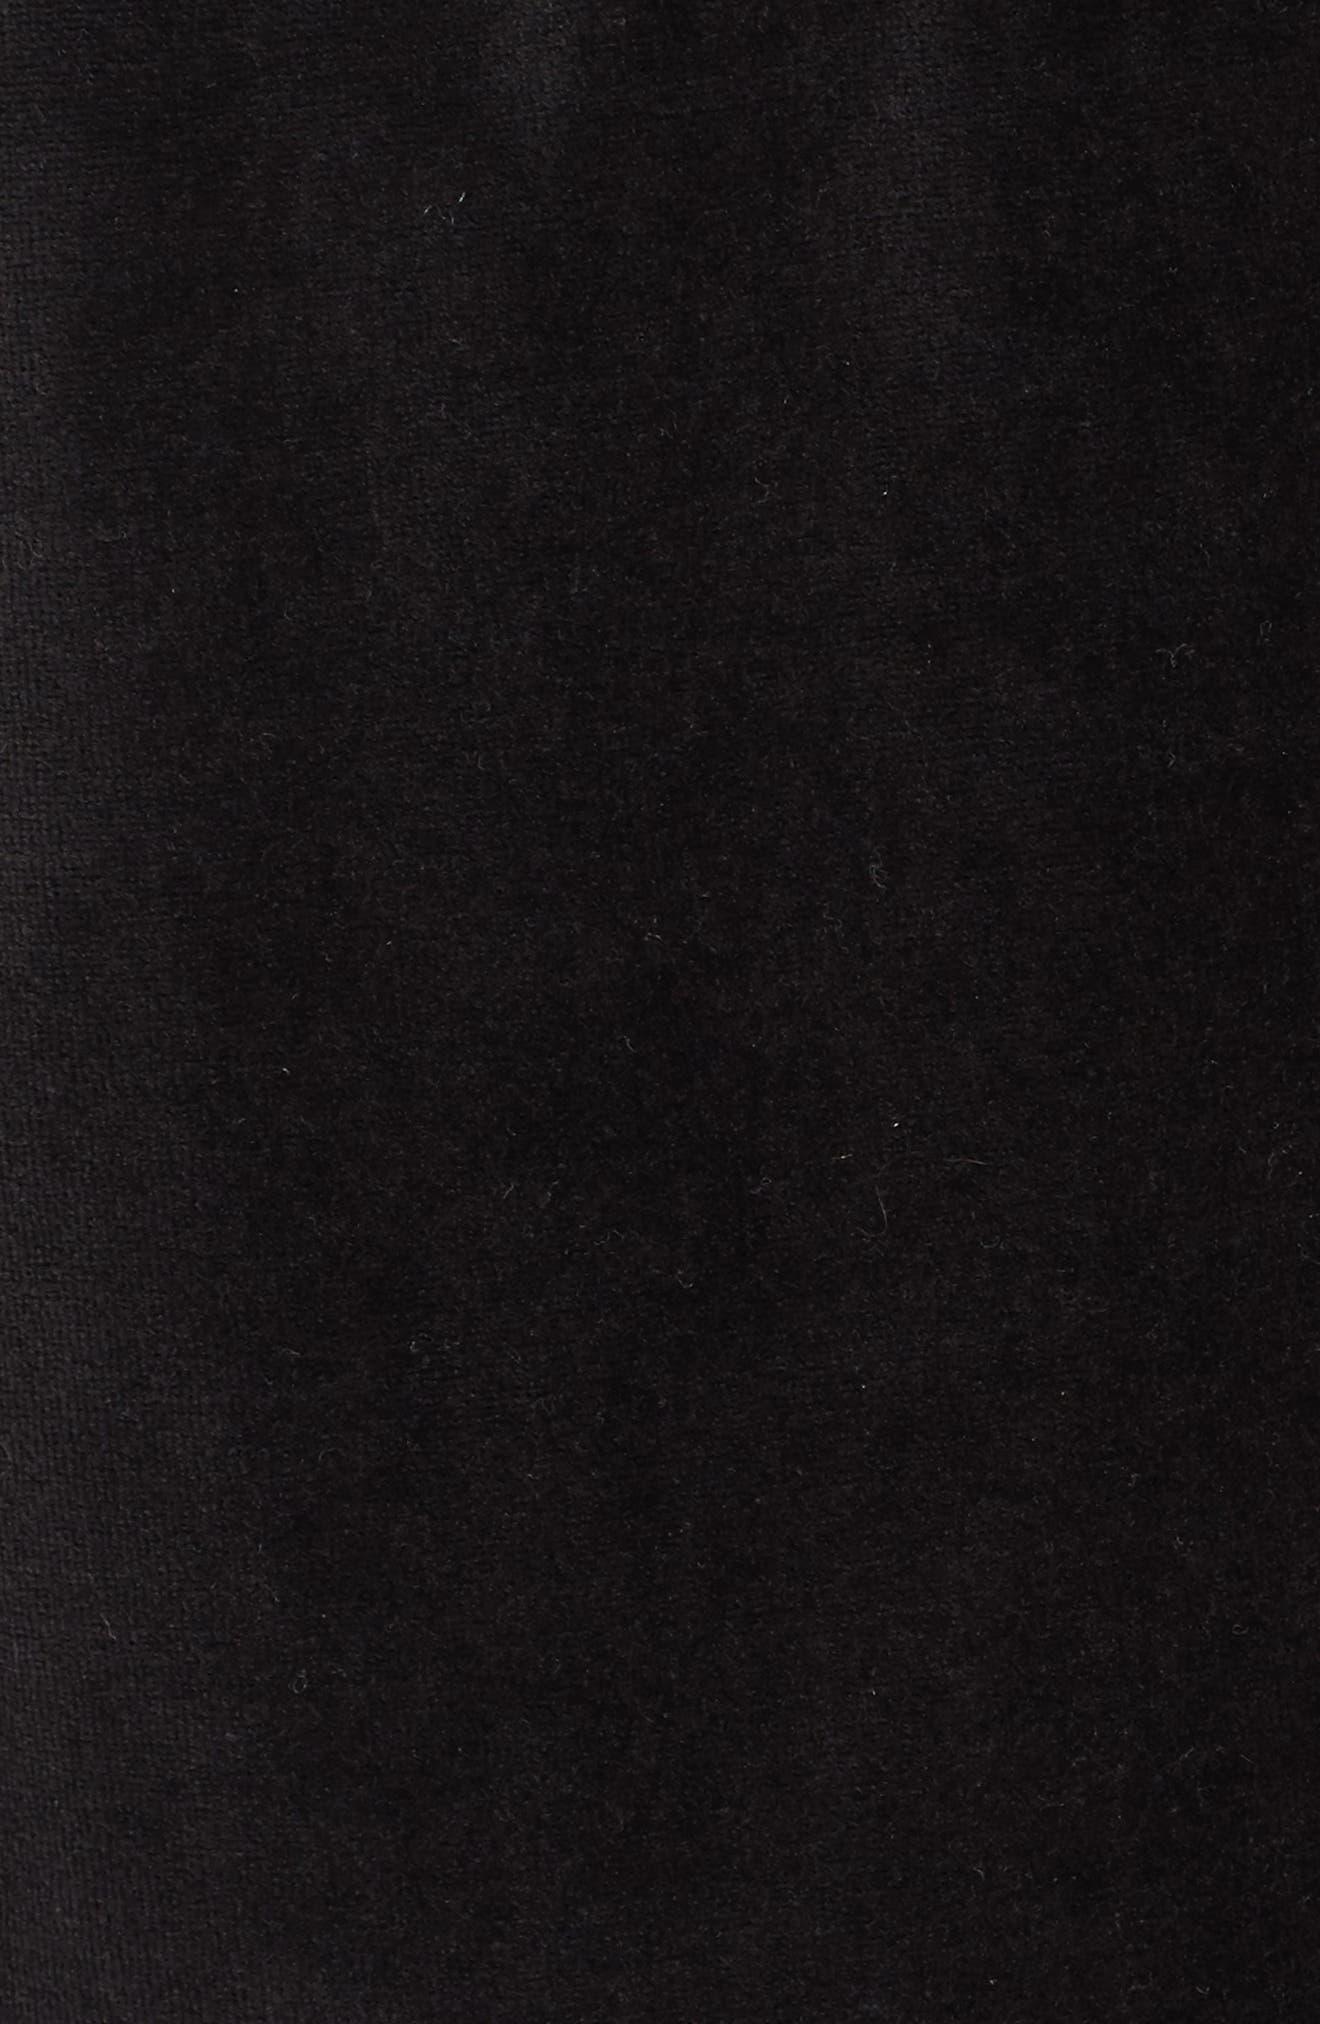 Velour Jogger Pants,                             Alternate thumbnail 5, color,                             Black Rock